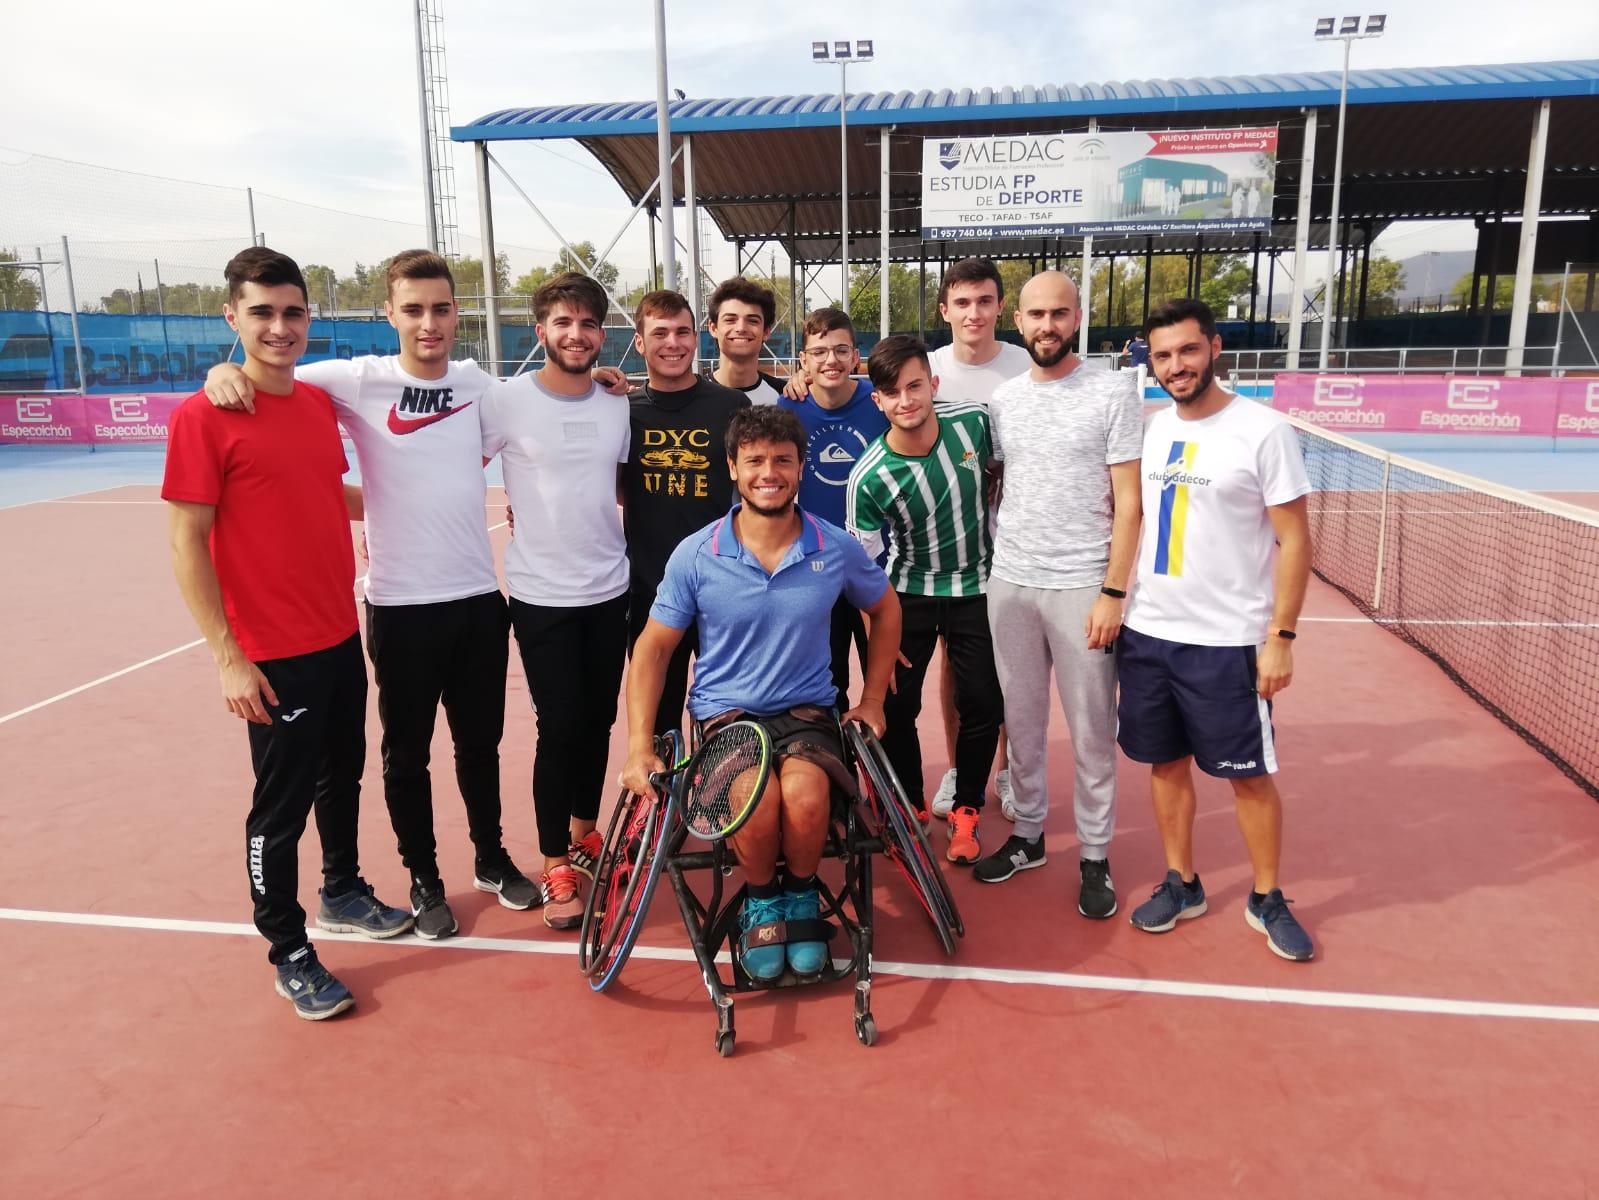 Los alumnos de TESEAS visitan el entrenamiento de Cisco García, tenista en silla de ruedas desde 2015 y un ejemplo de superación